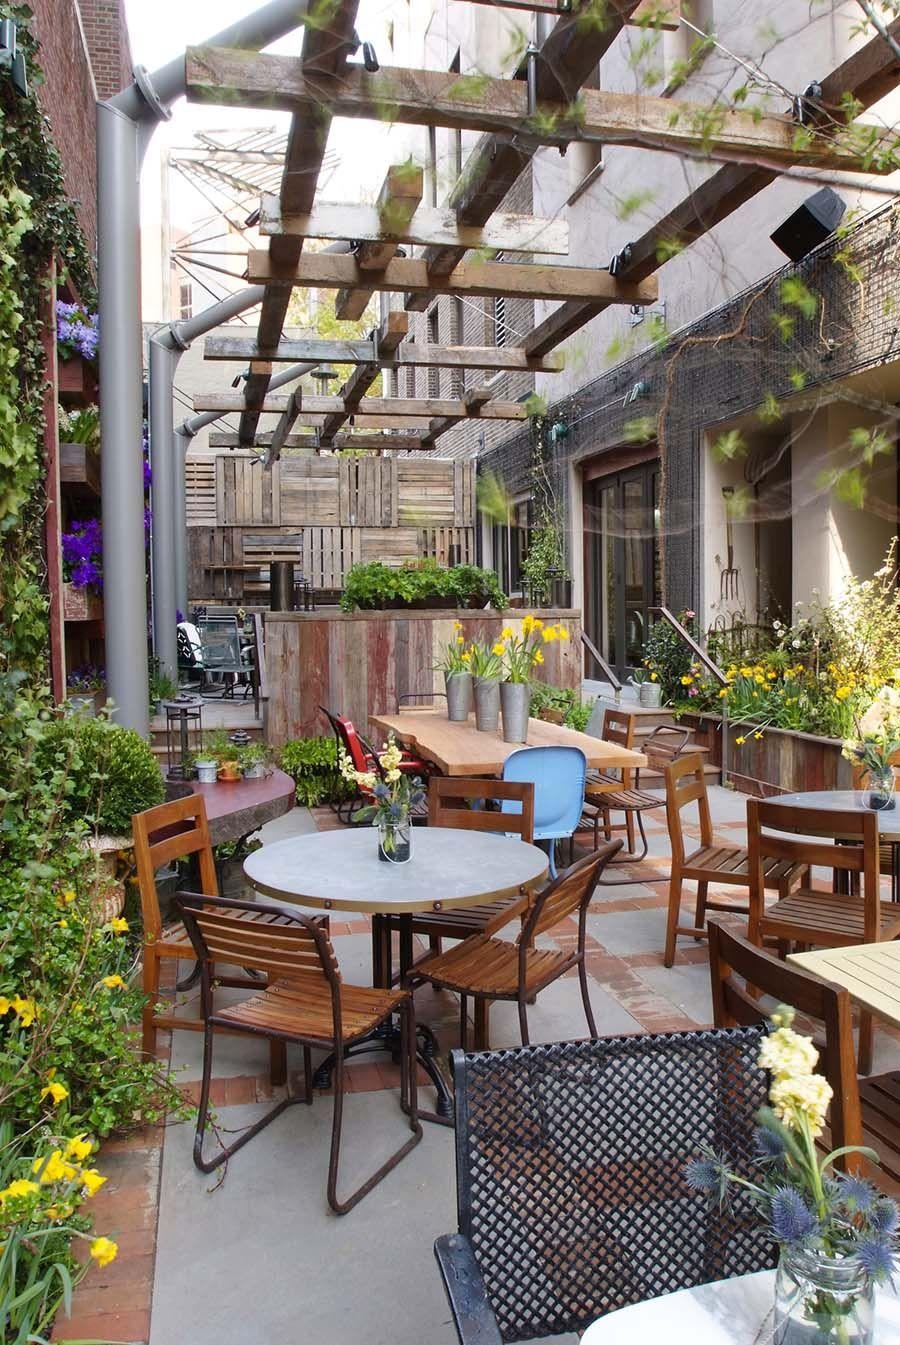 Talula S Garden Restaurant Outdoor Cafe Cafe Design Patio Backyard garden healthy drinks cafe